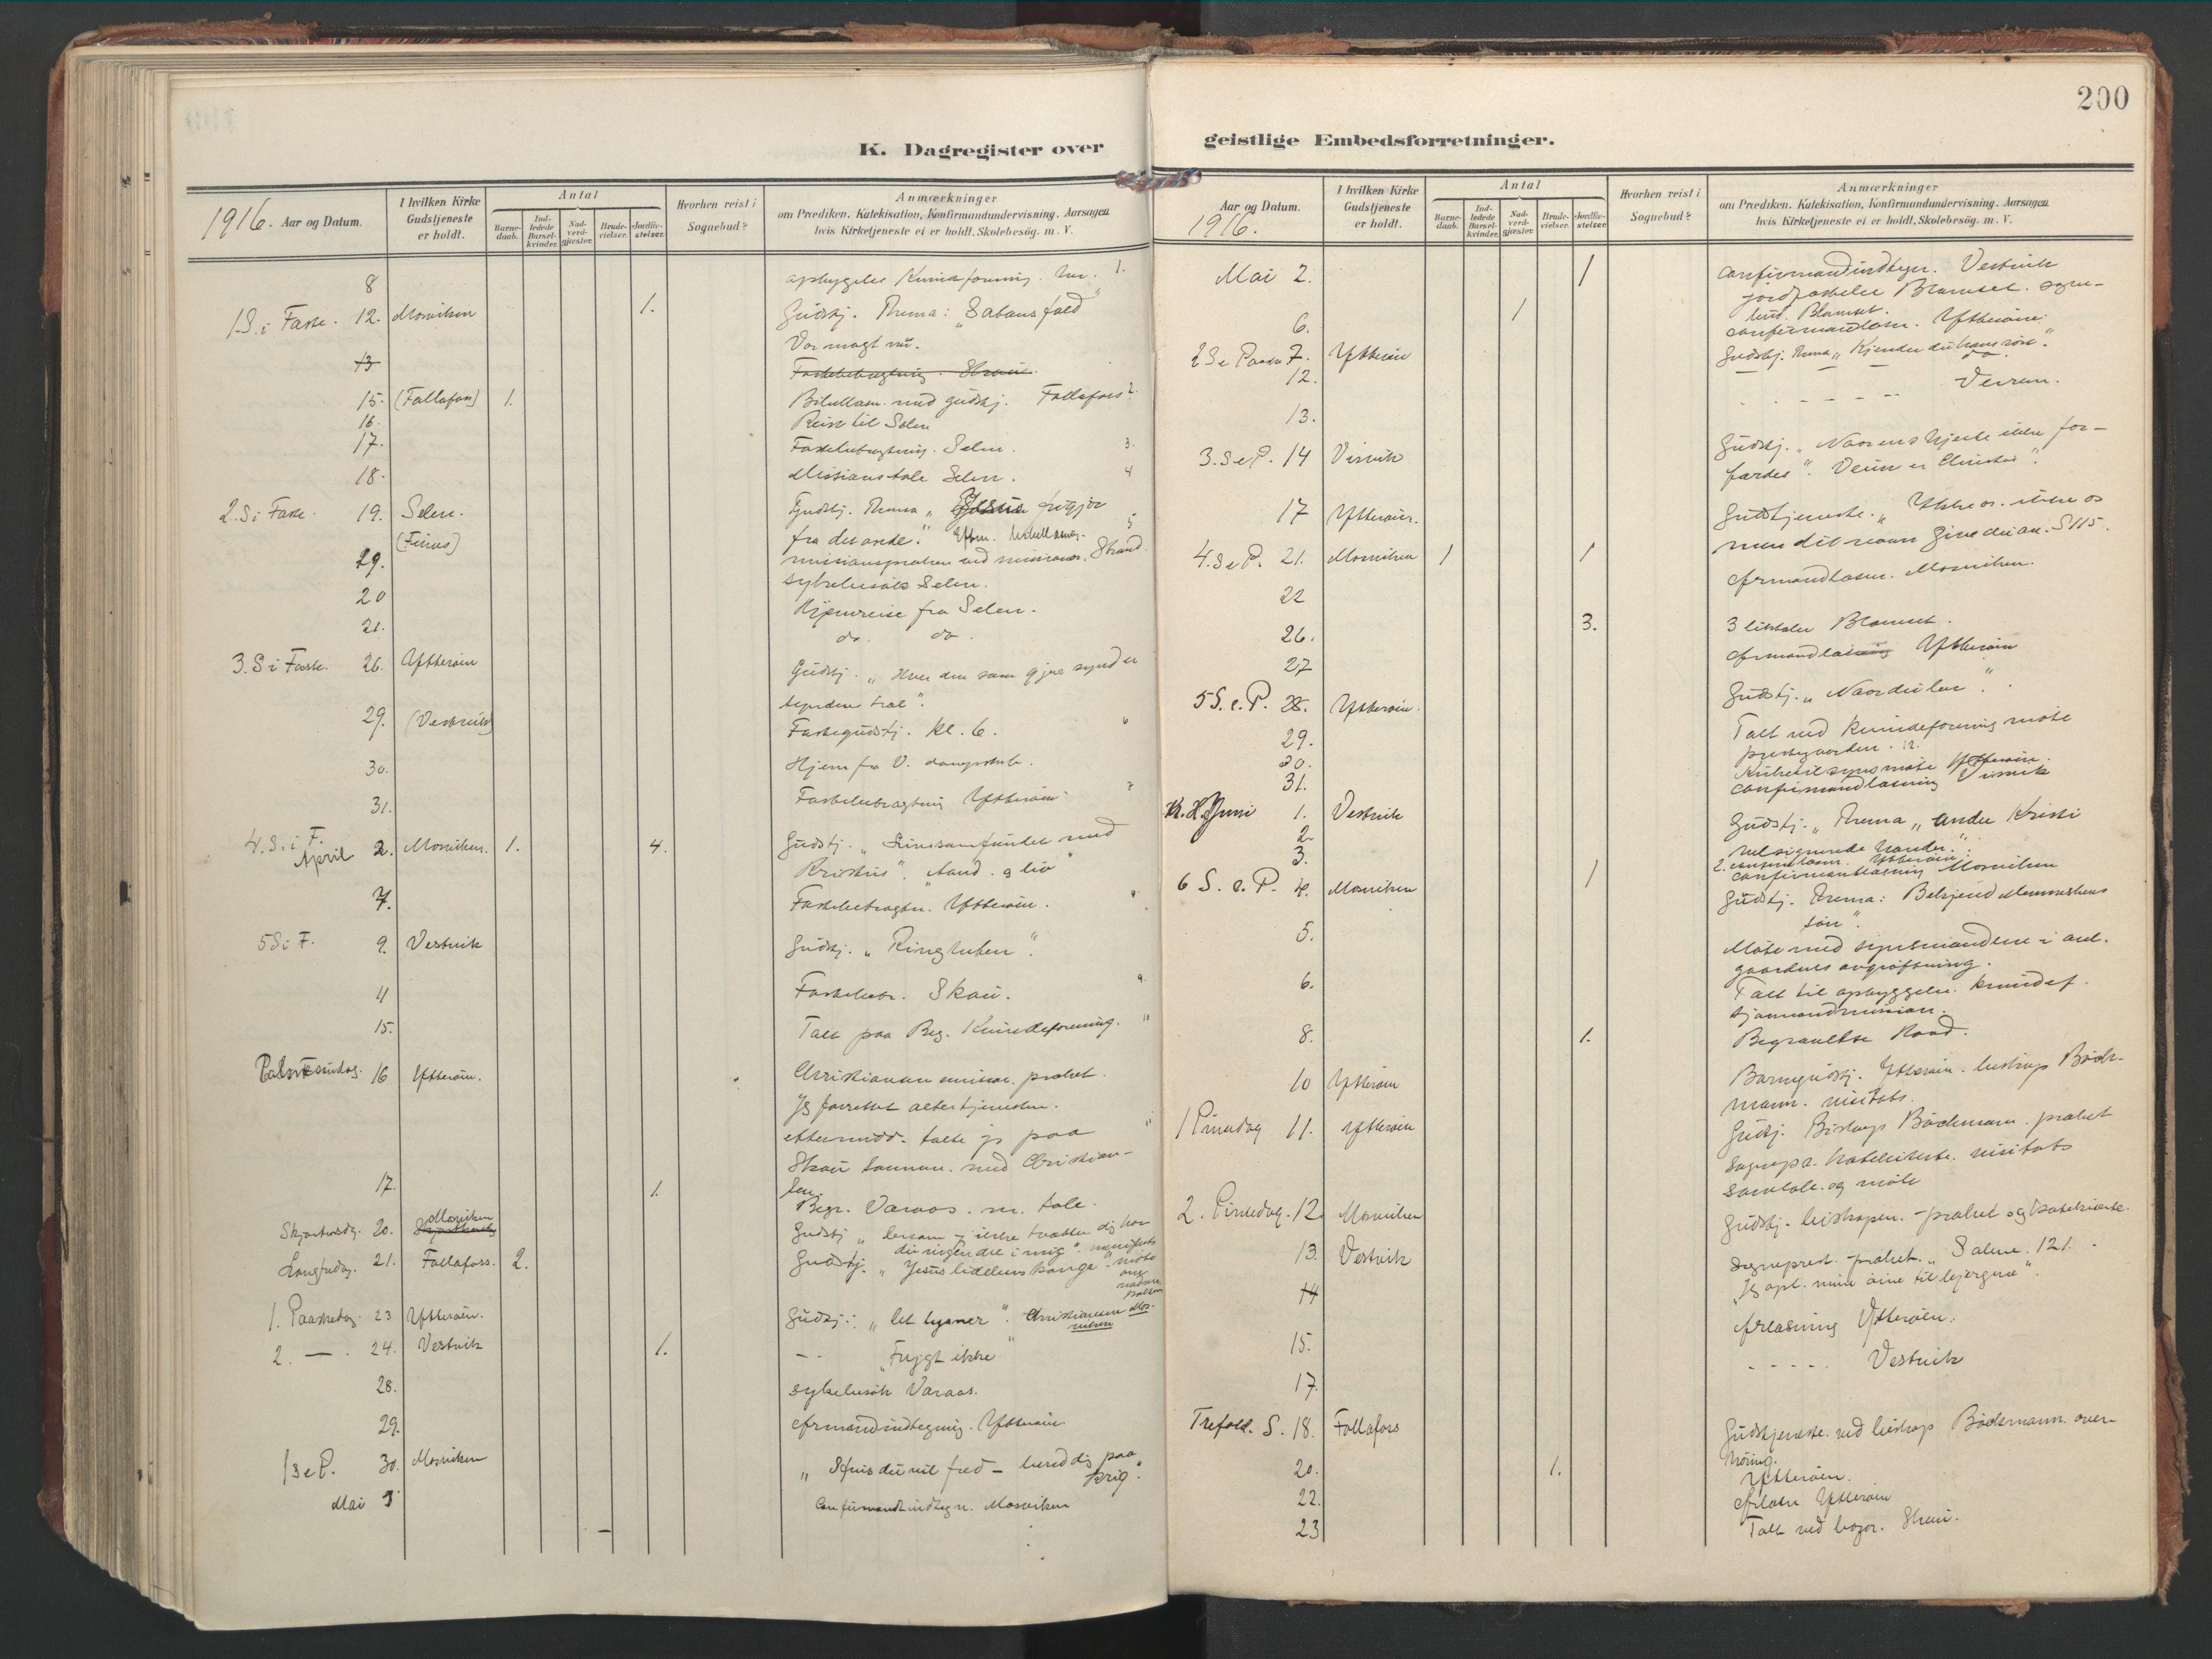 SAT, Ministerialprotokoller, klokkerbøker og fødselsregistre - Nord-Trøndelag, 744/L0421: Ministerialbok nr. 744A05, 1905-1930, s. 200